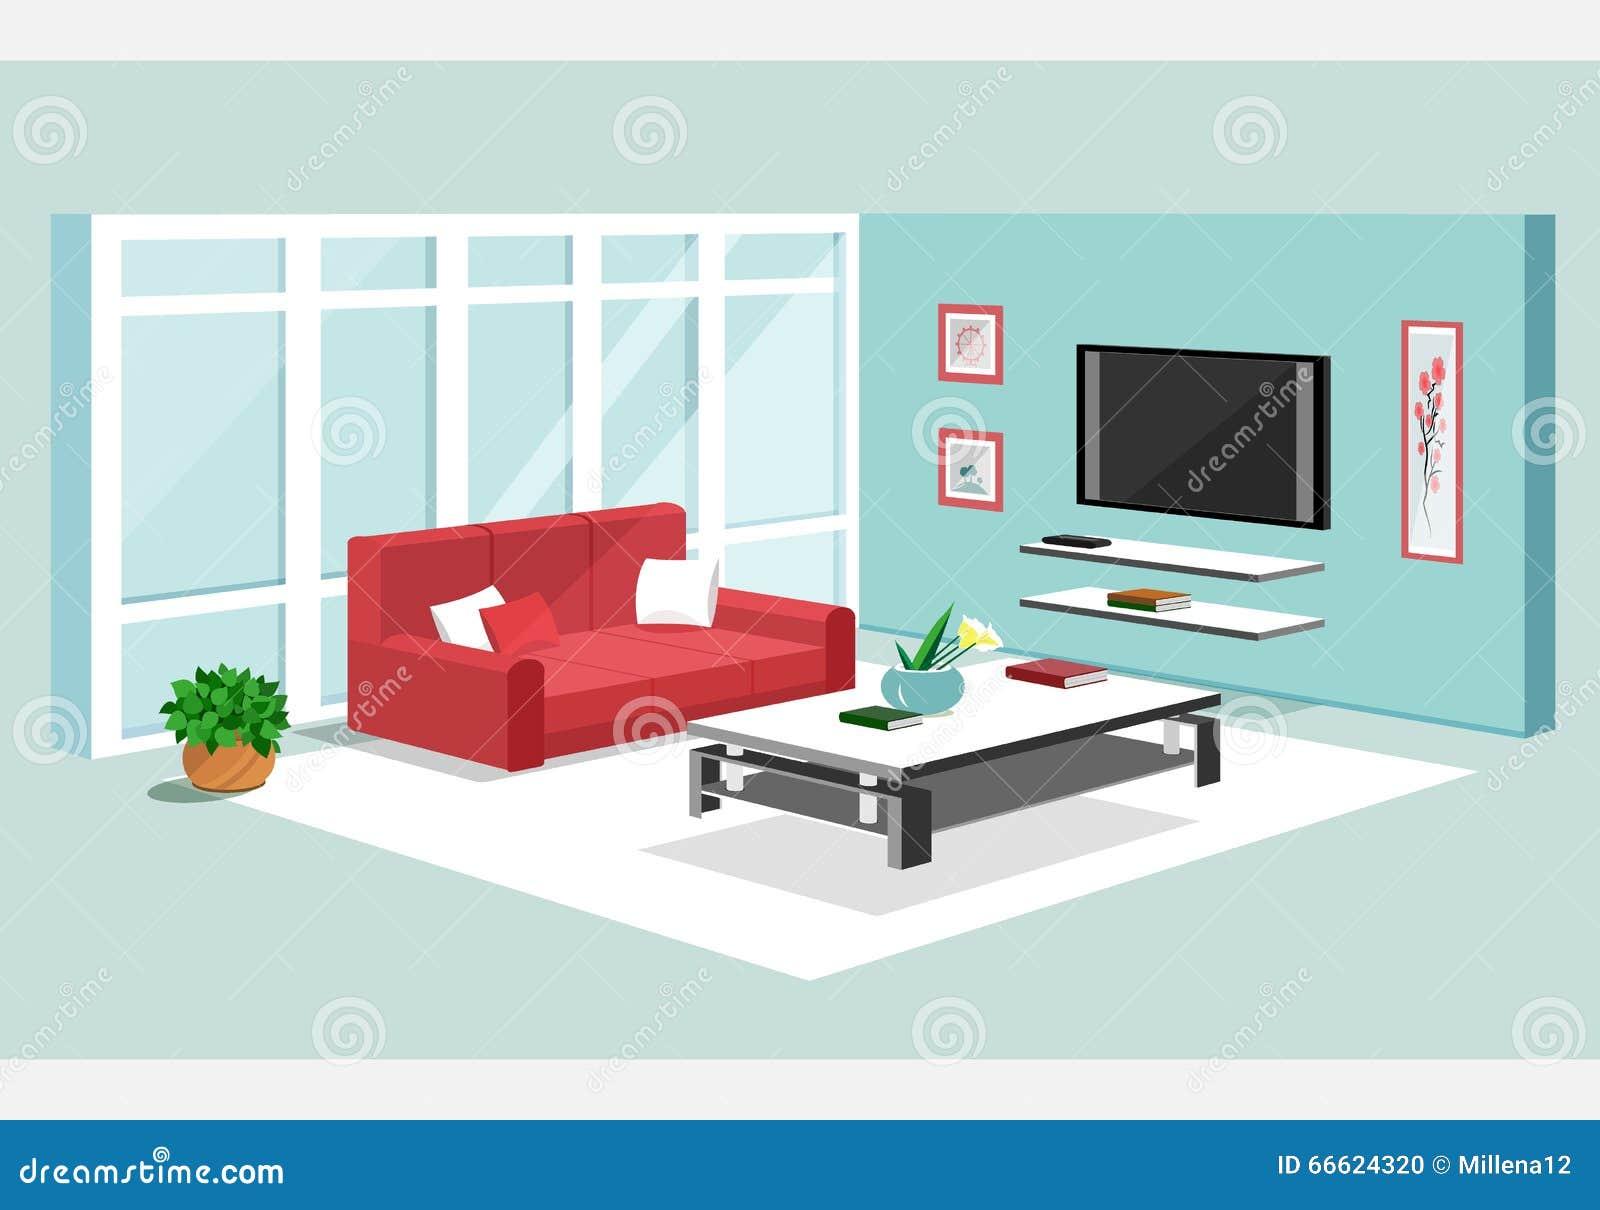 Isometrisches Design 3d der Wohnung Vektorillustration des modernen isometrischen Wohnzimmerinnenraums